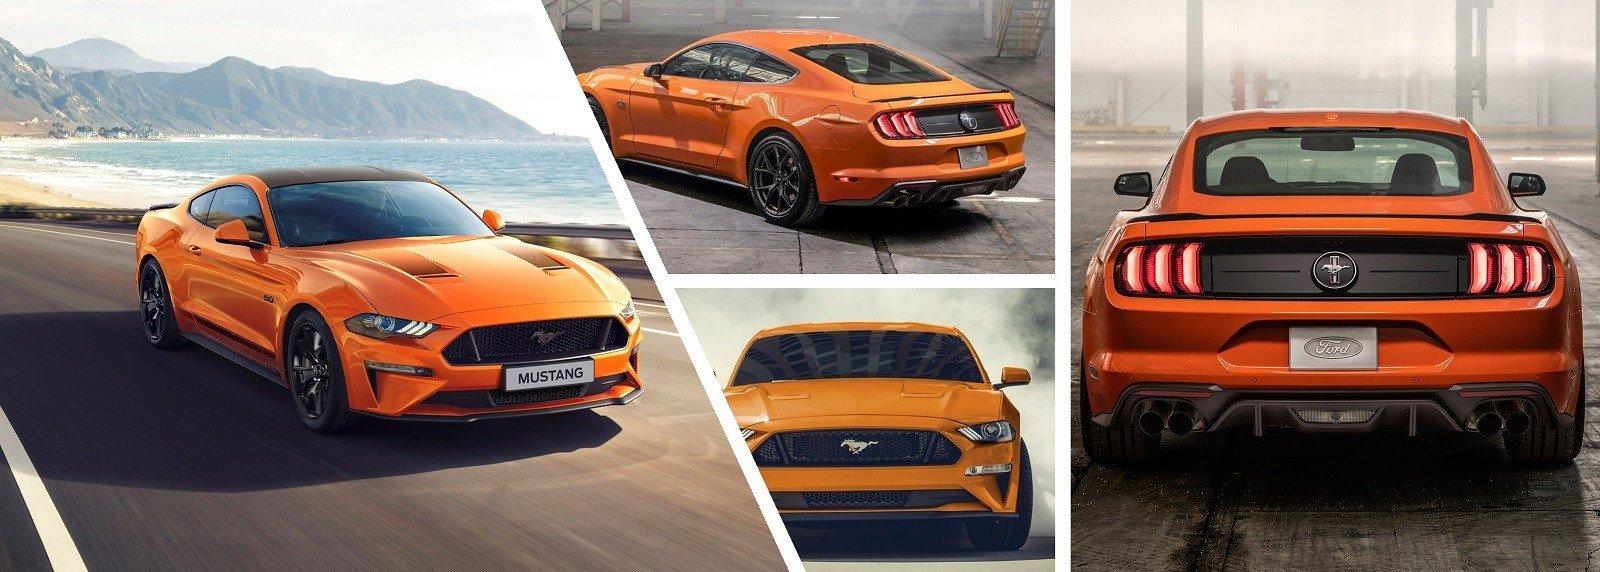 2020 Mustang GT Design